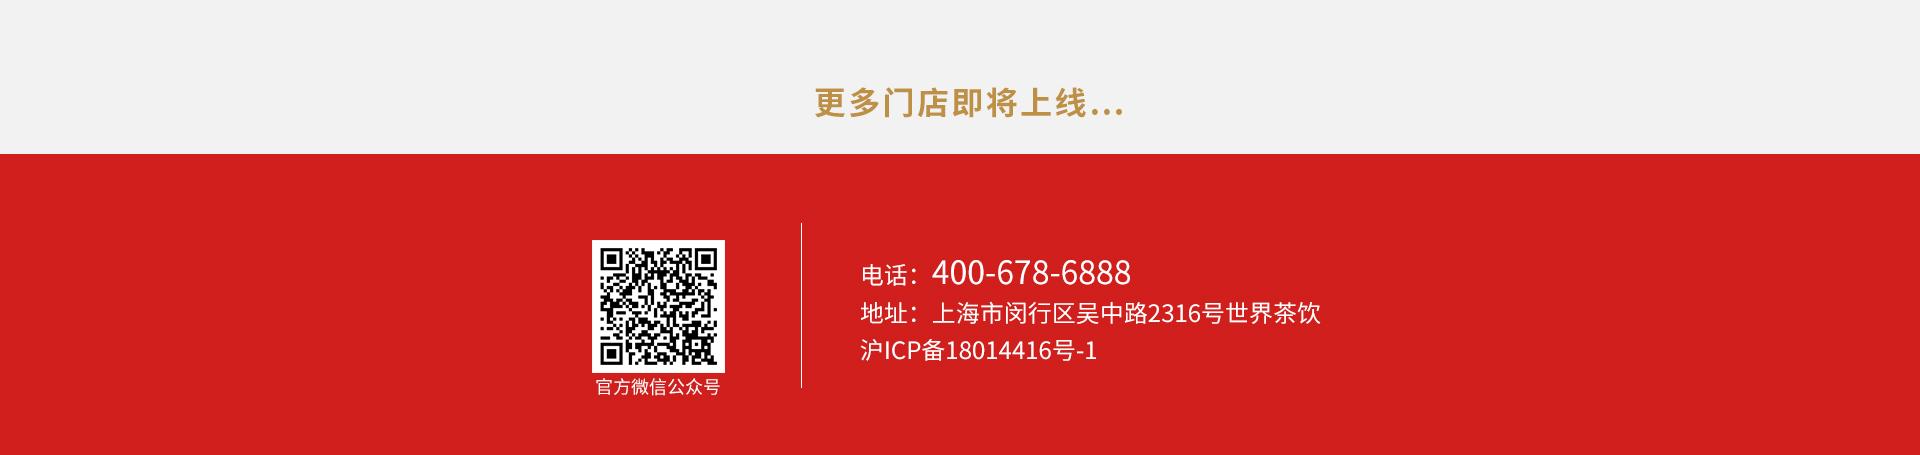 PC端--门店介绍_01_03